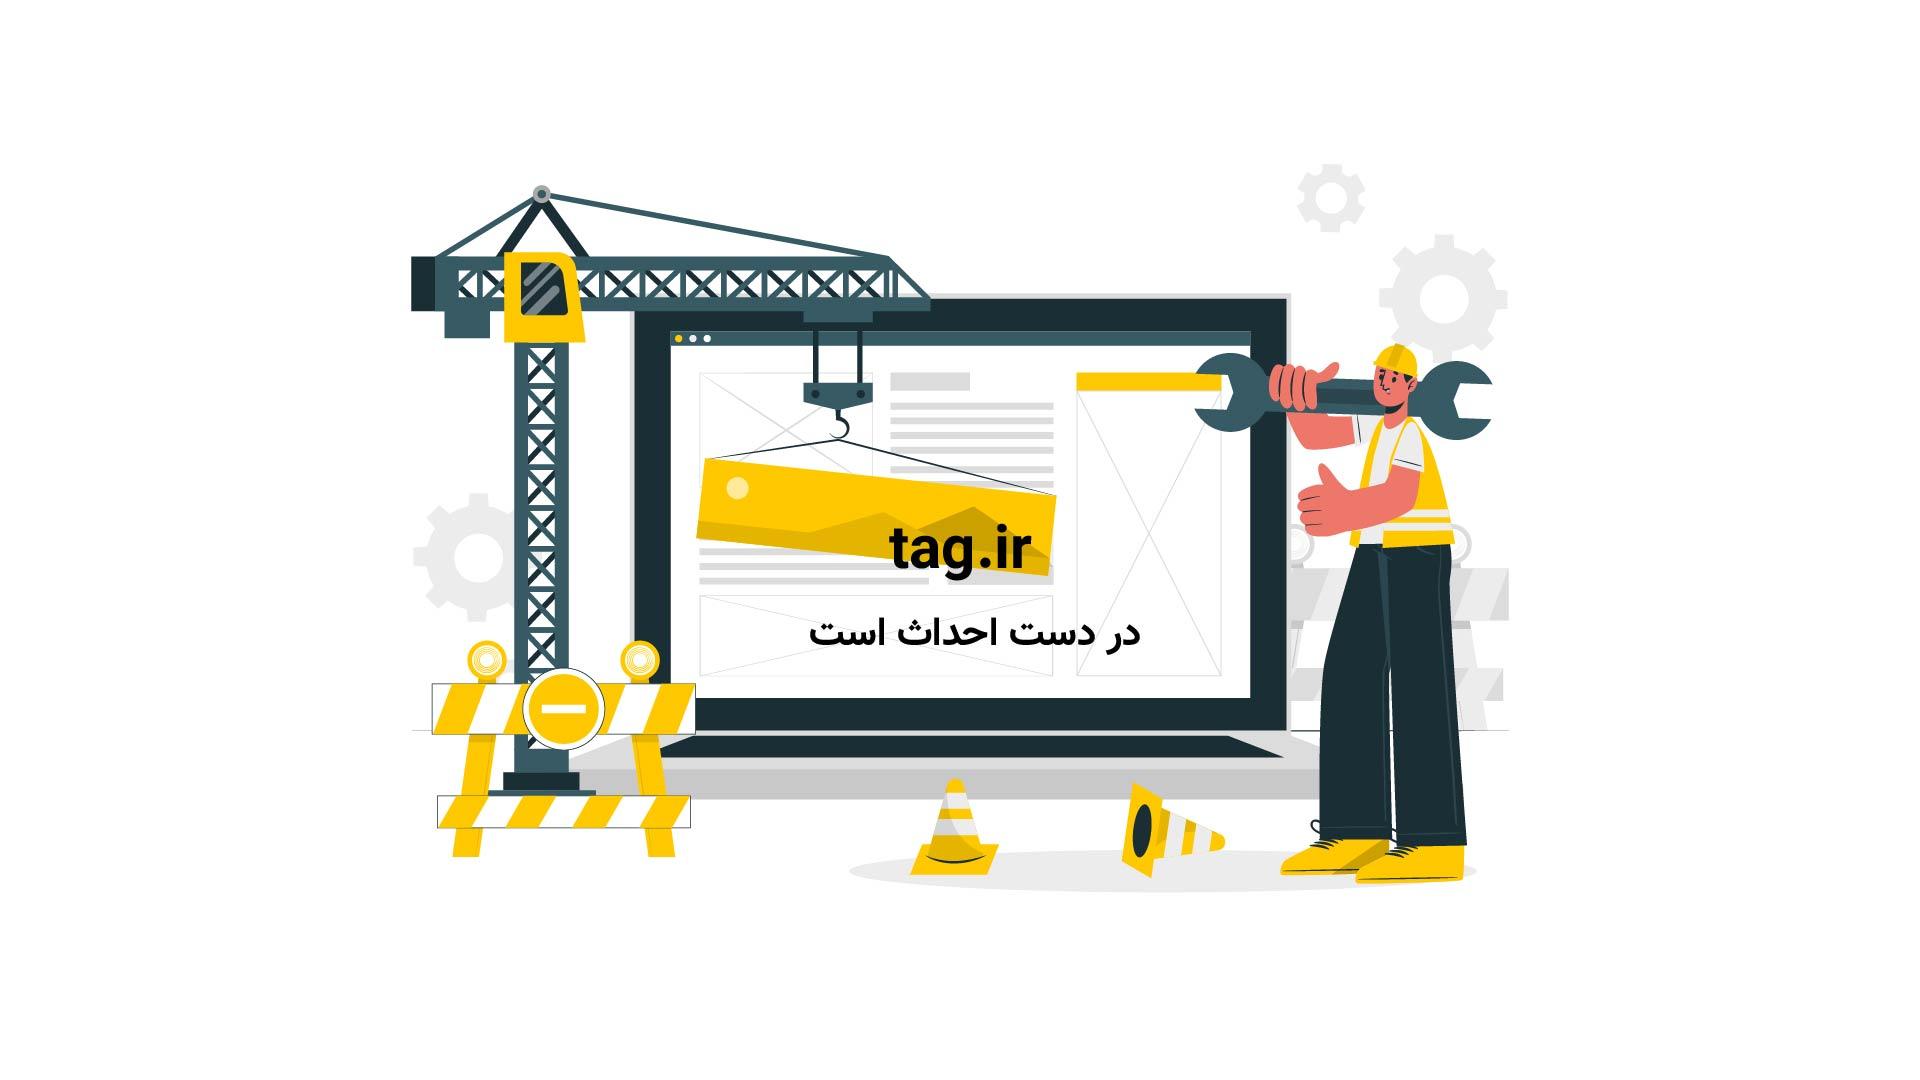 سخنرانیهای تد؛ اثبات شگفت انگیز قدرت یادگیری رایانهها | فیلم